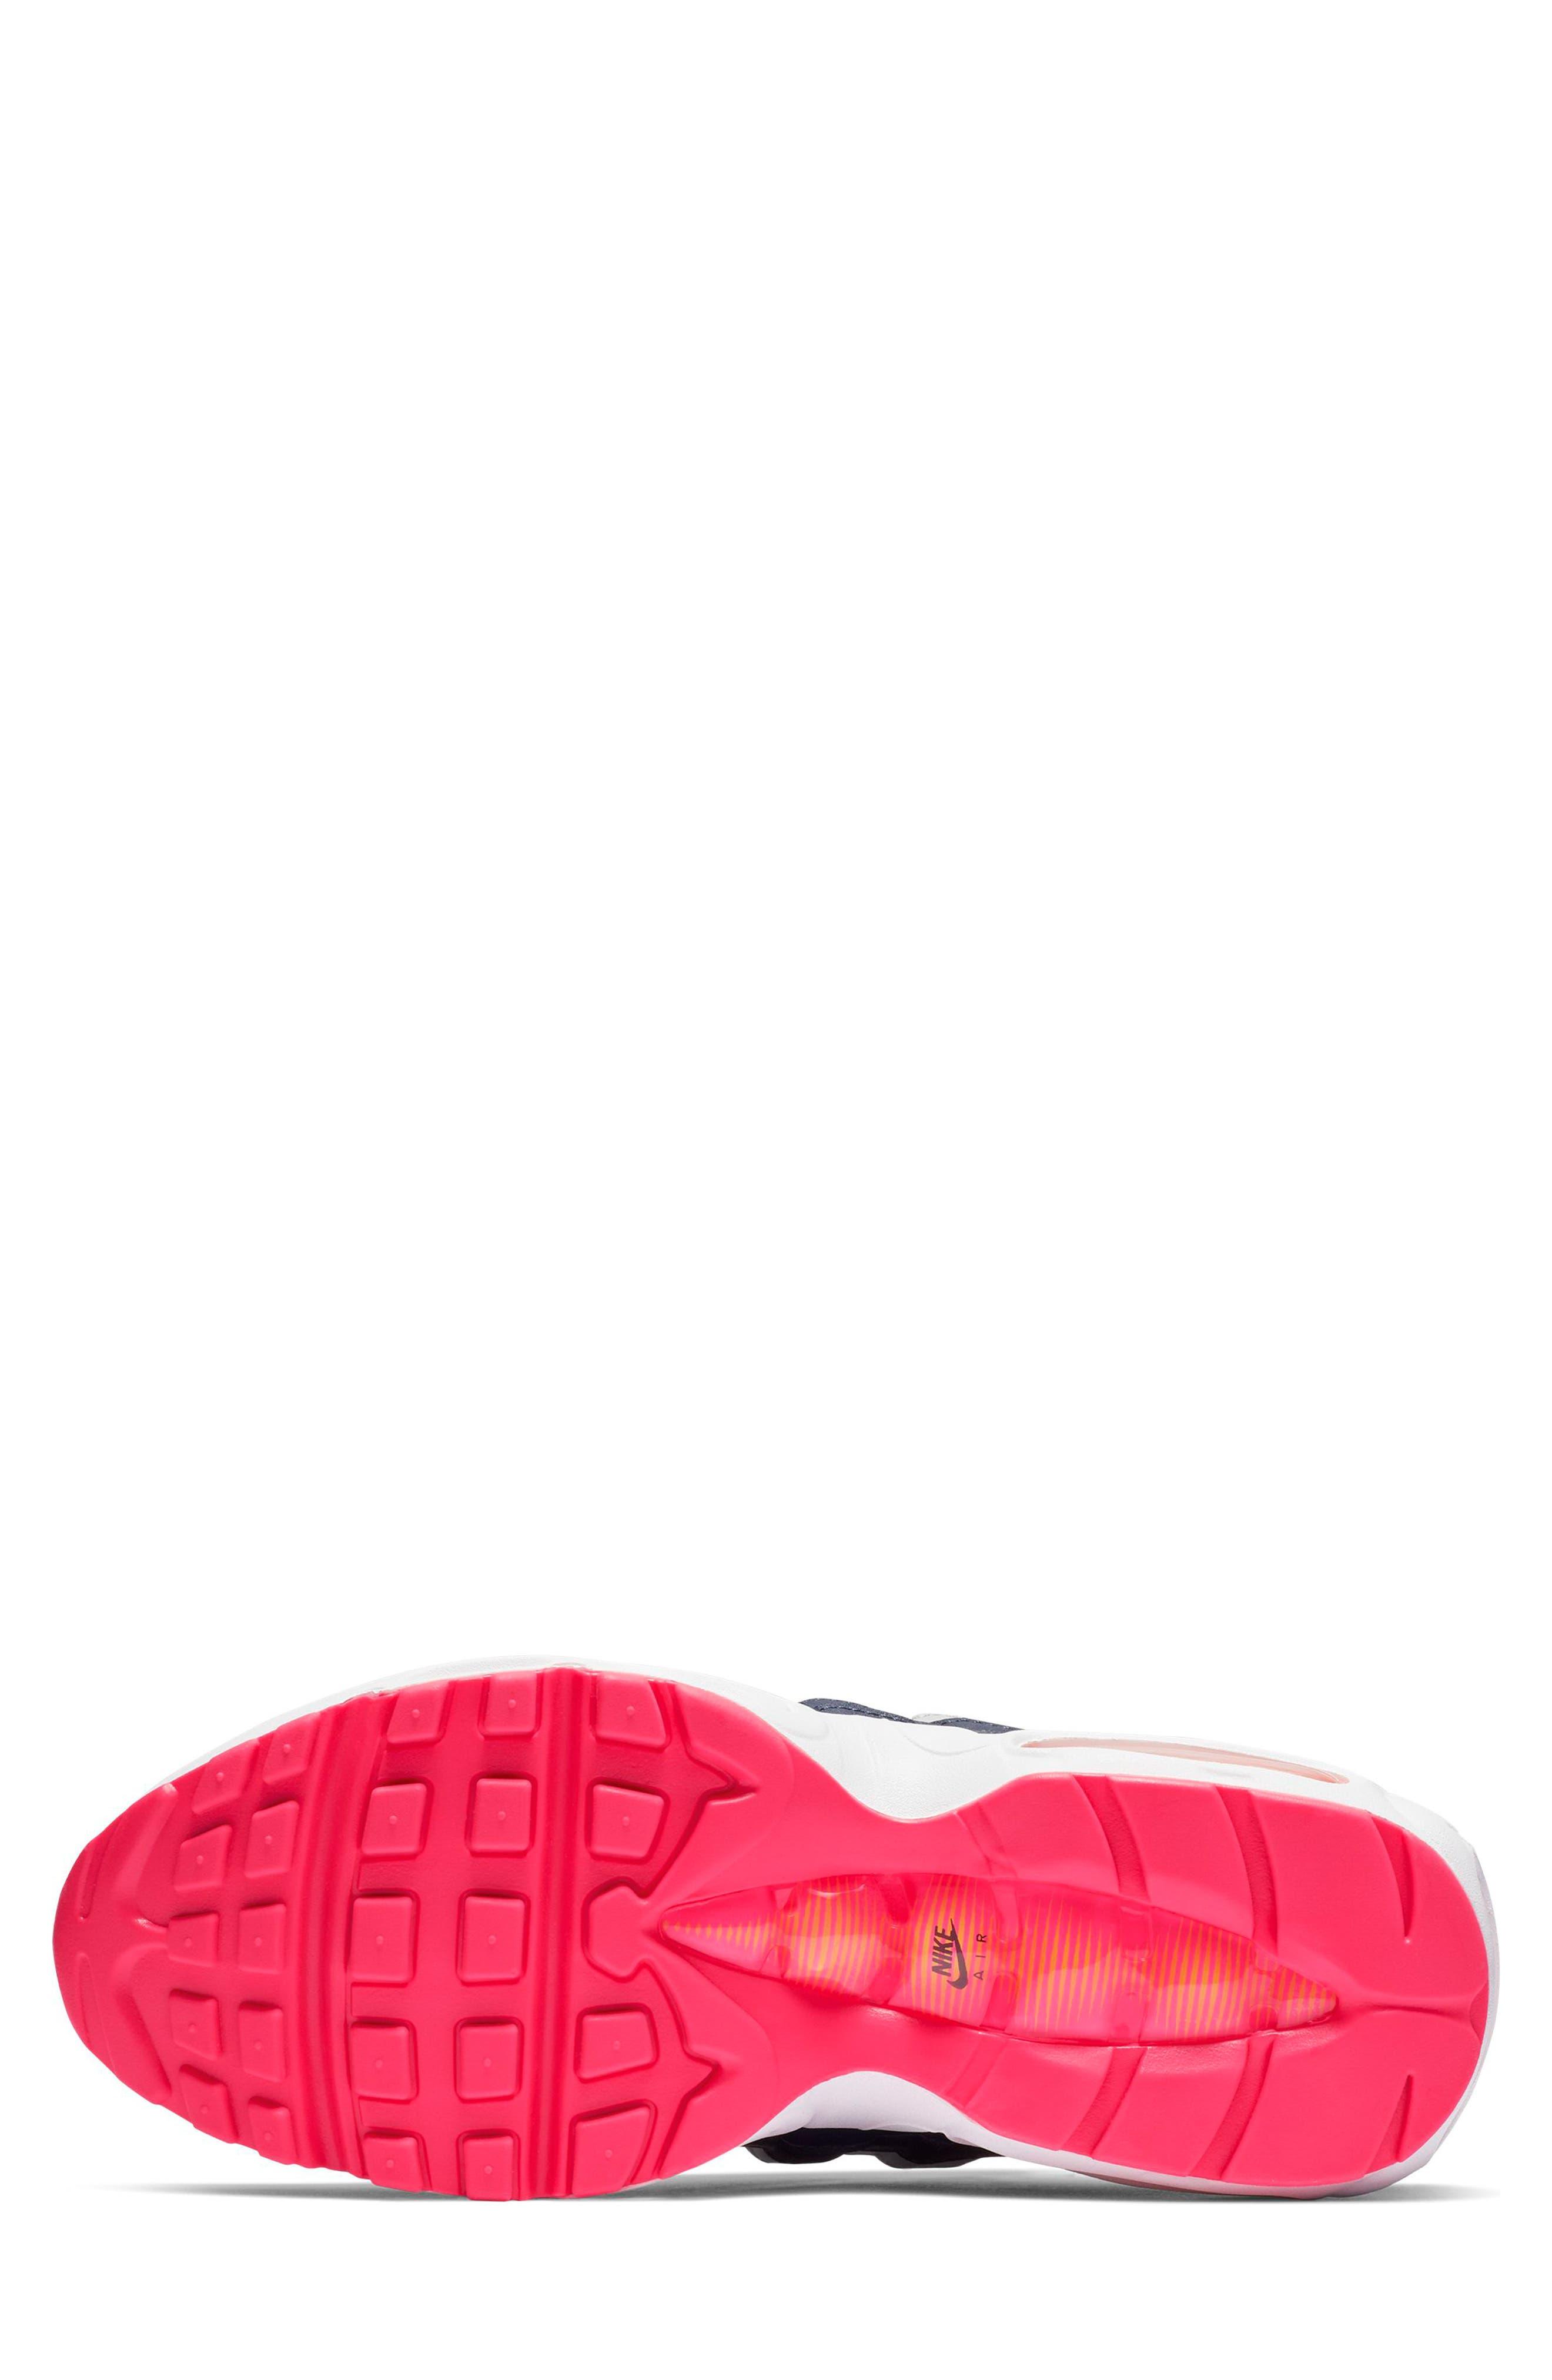 NIKE, Air Max 95 Running Shoe, Alternate thumbnail 5, color, NAVY/ LASER ORANGE/ PLATINUM